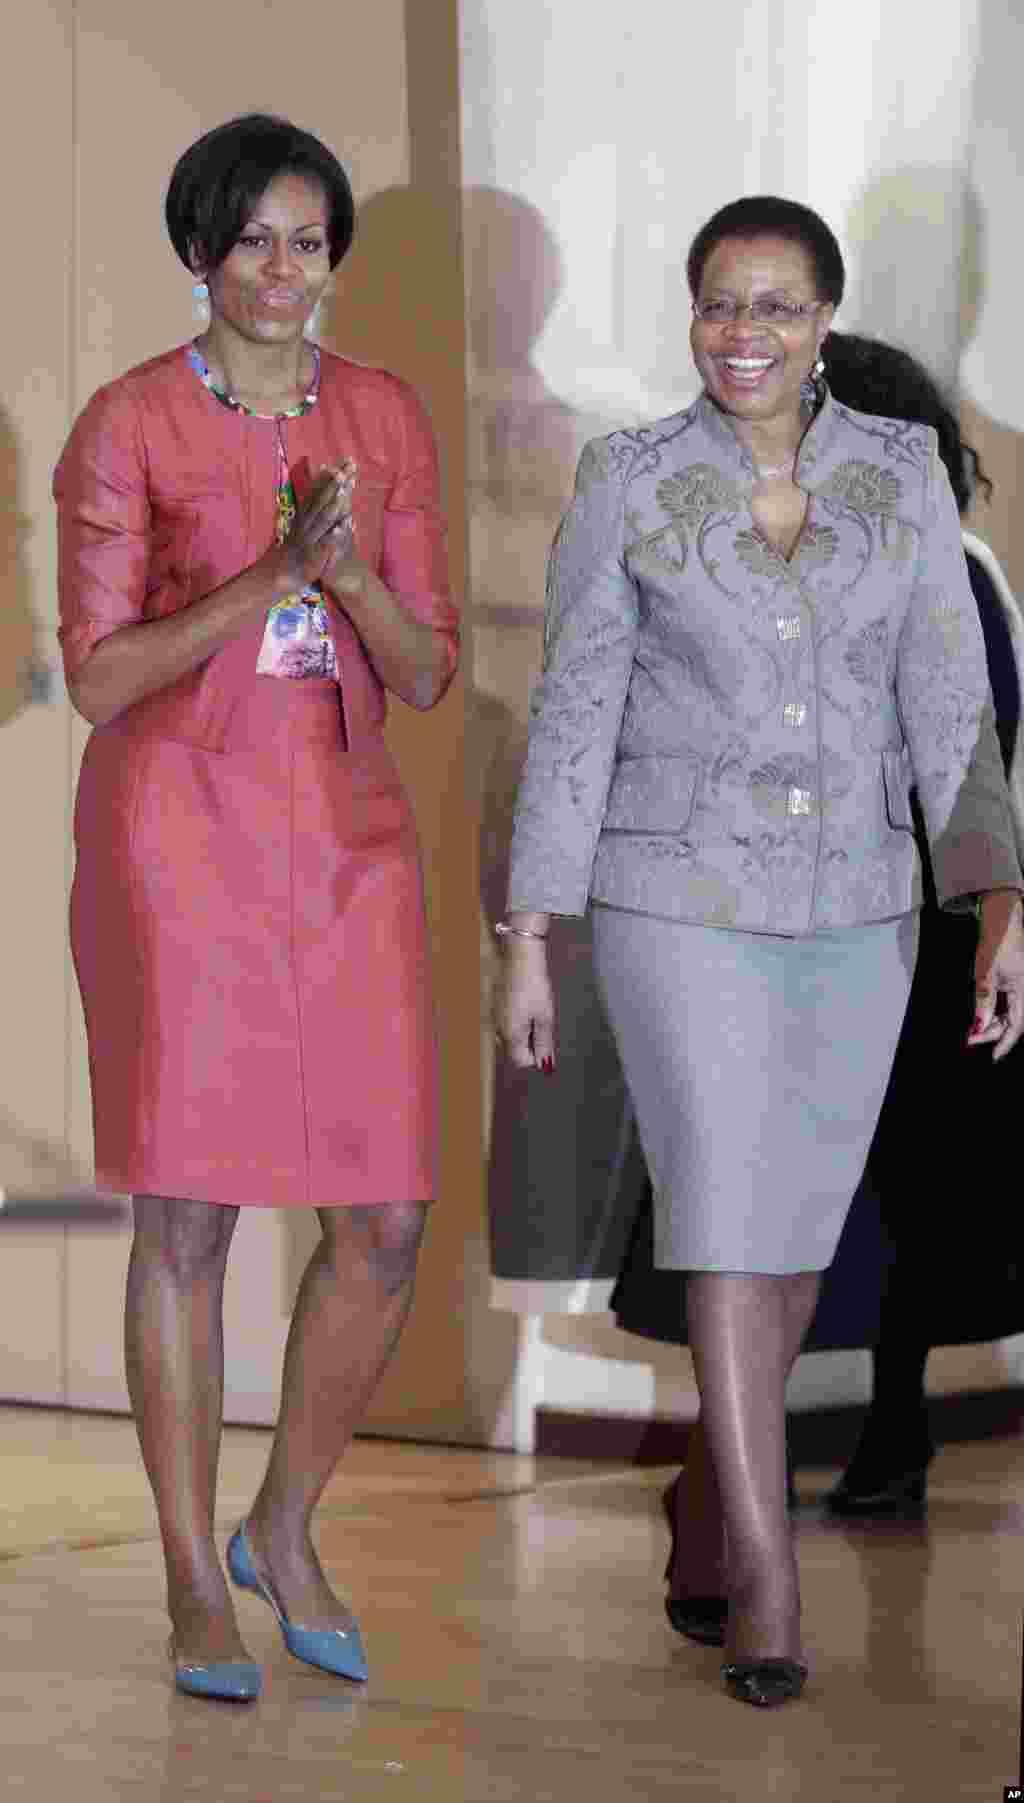 Michelle Obama com a mulher de Mandela, Graca Machel, durante a sua visita à Fundação Nelson Mandela, em Joanesburgo